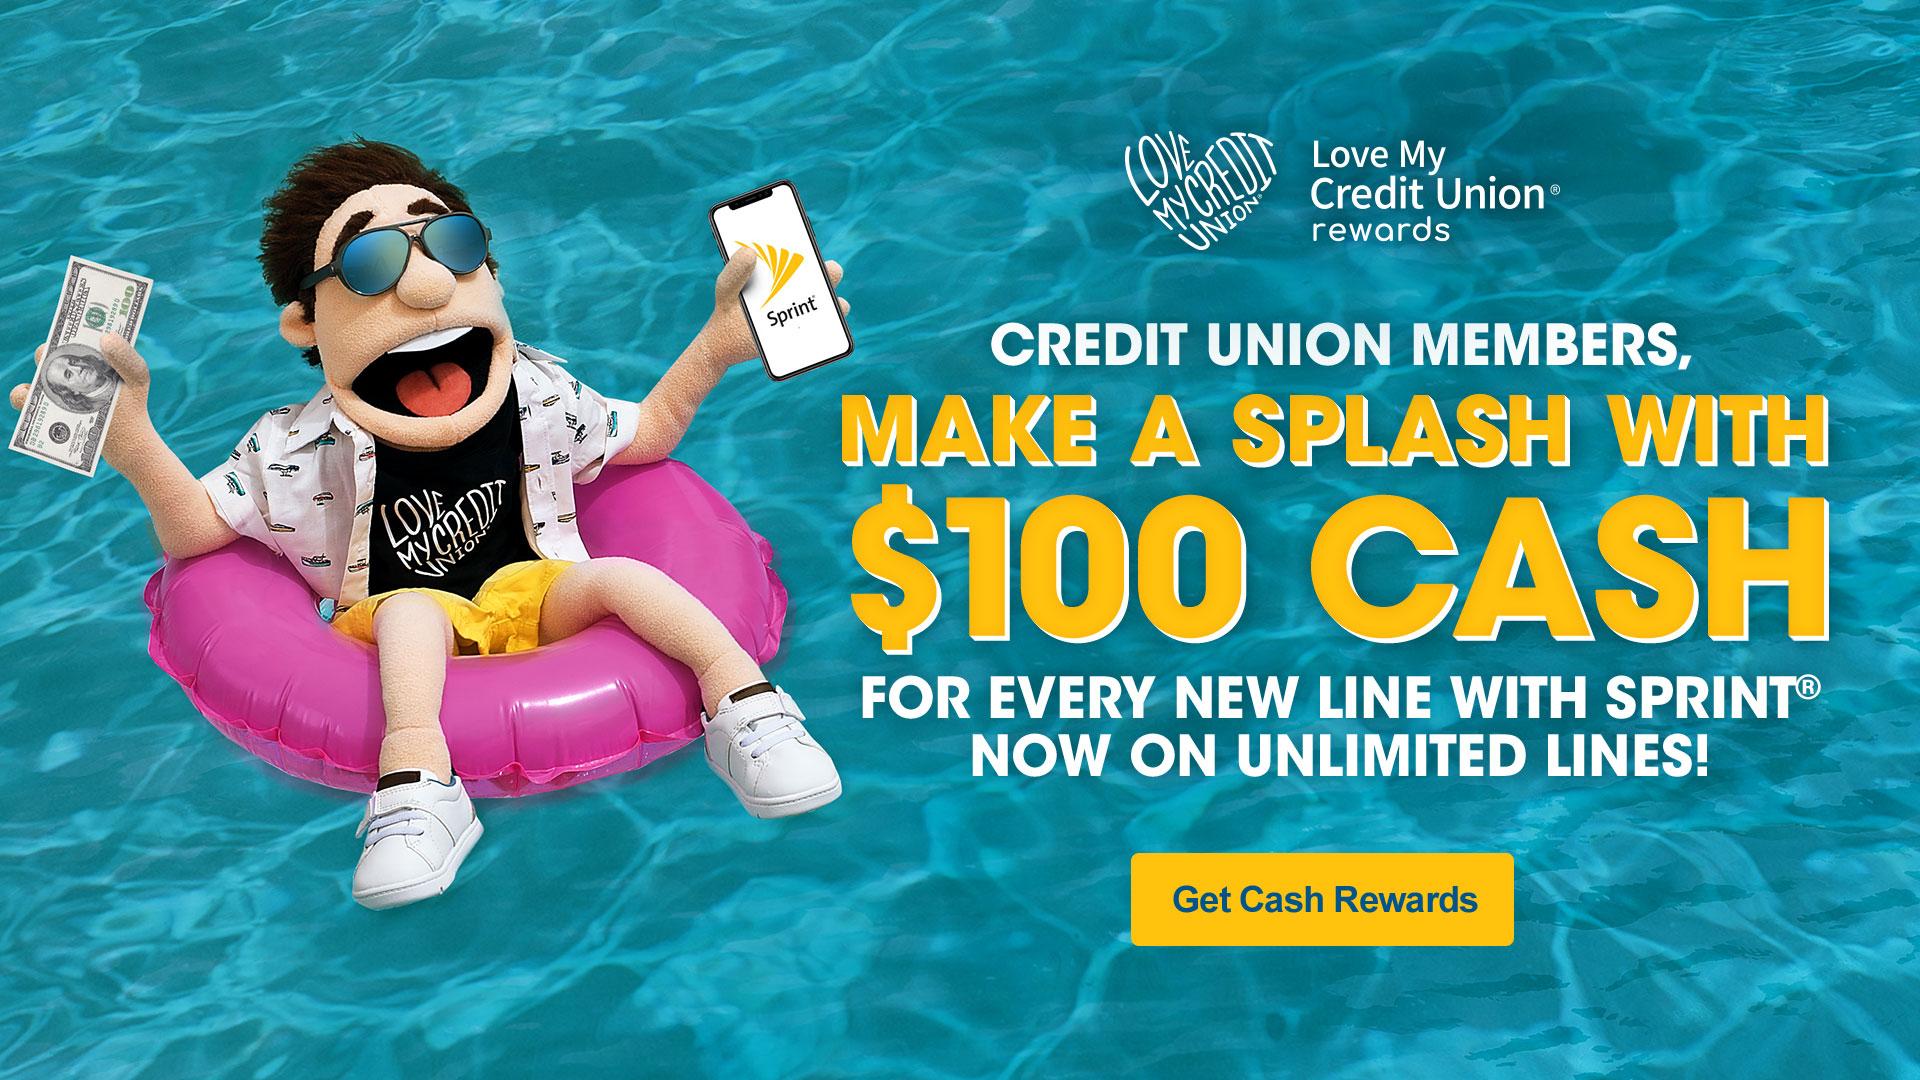 Member Cash Rewards Offer